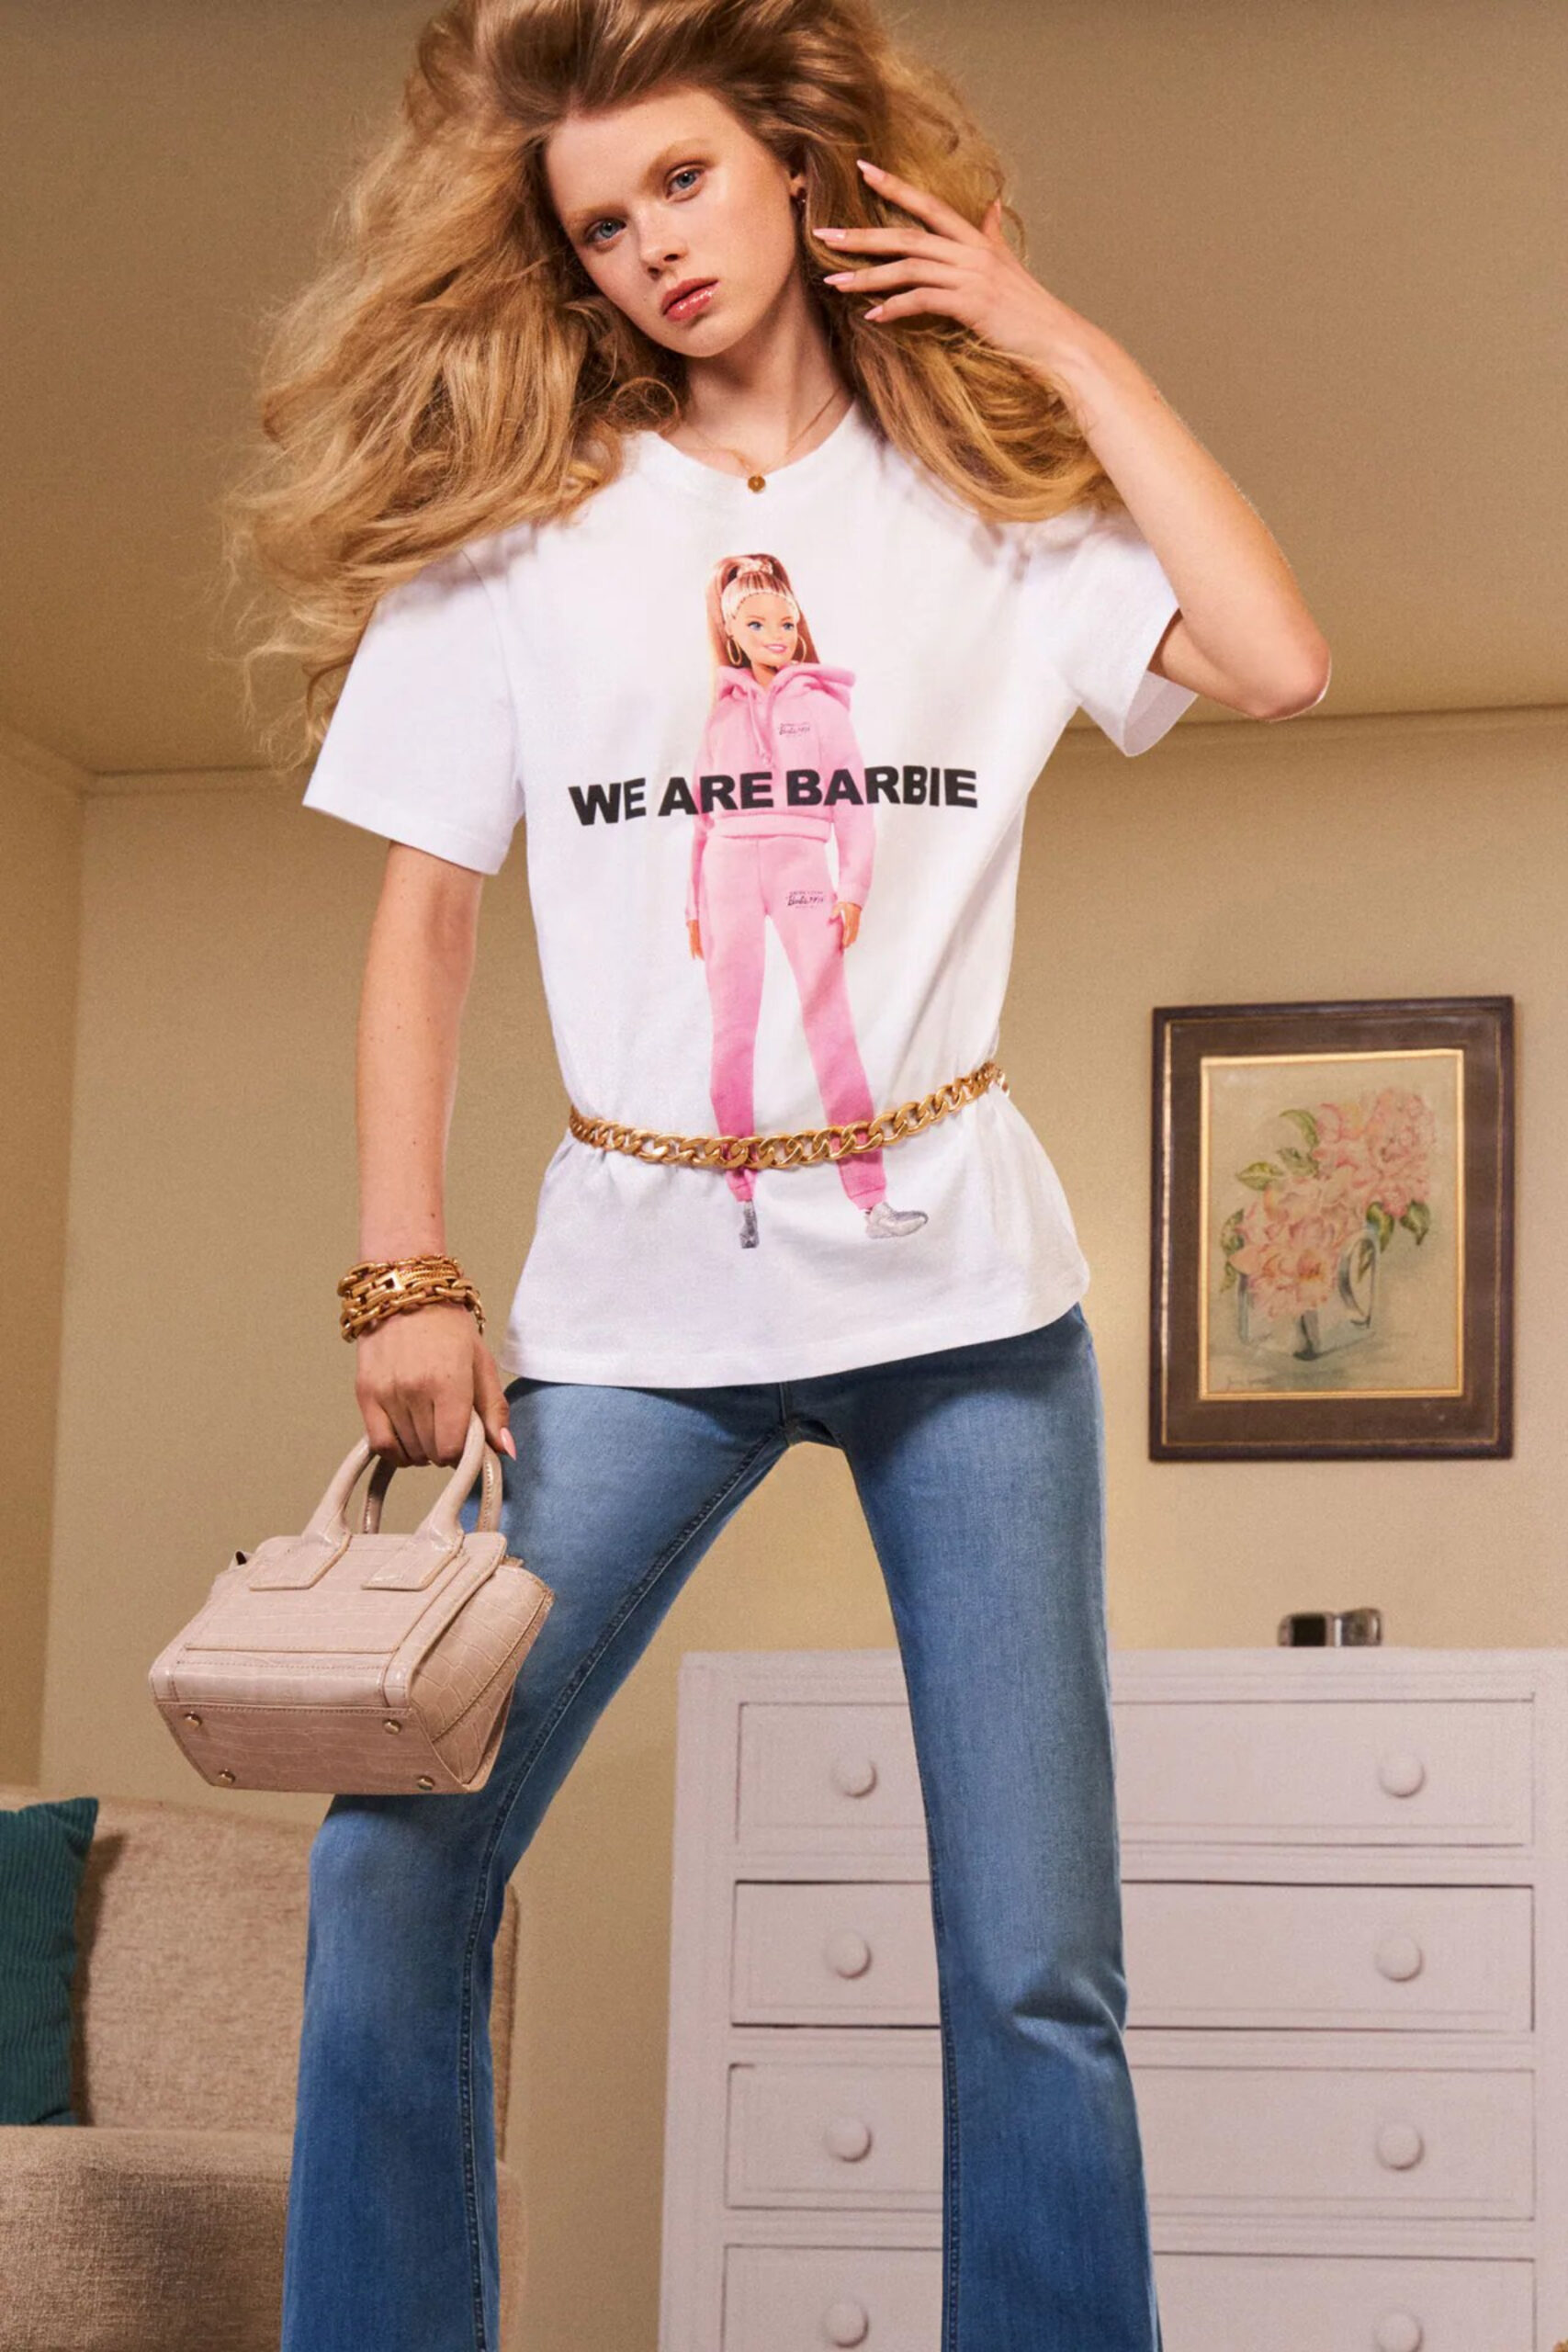 Barbie x Zara, una colección con fines solidarios